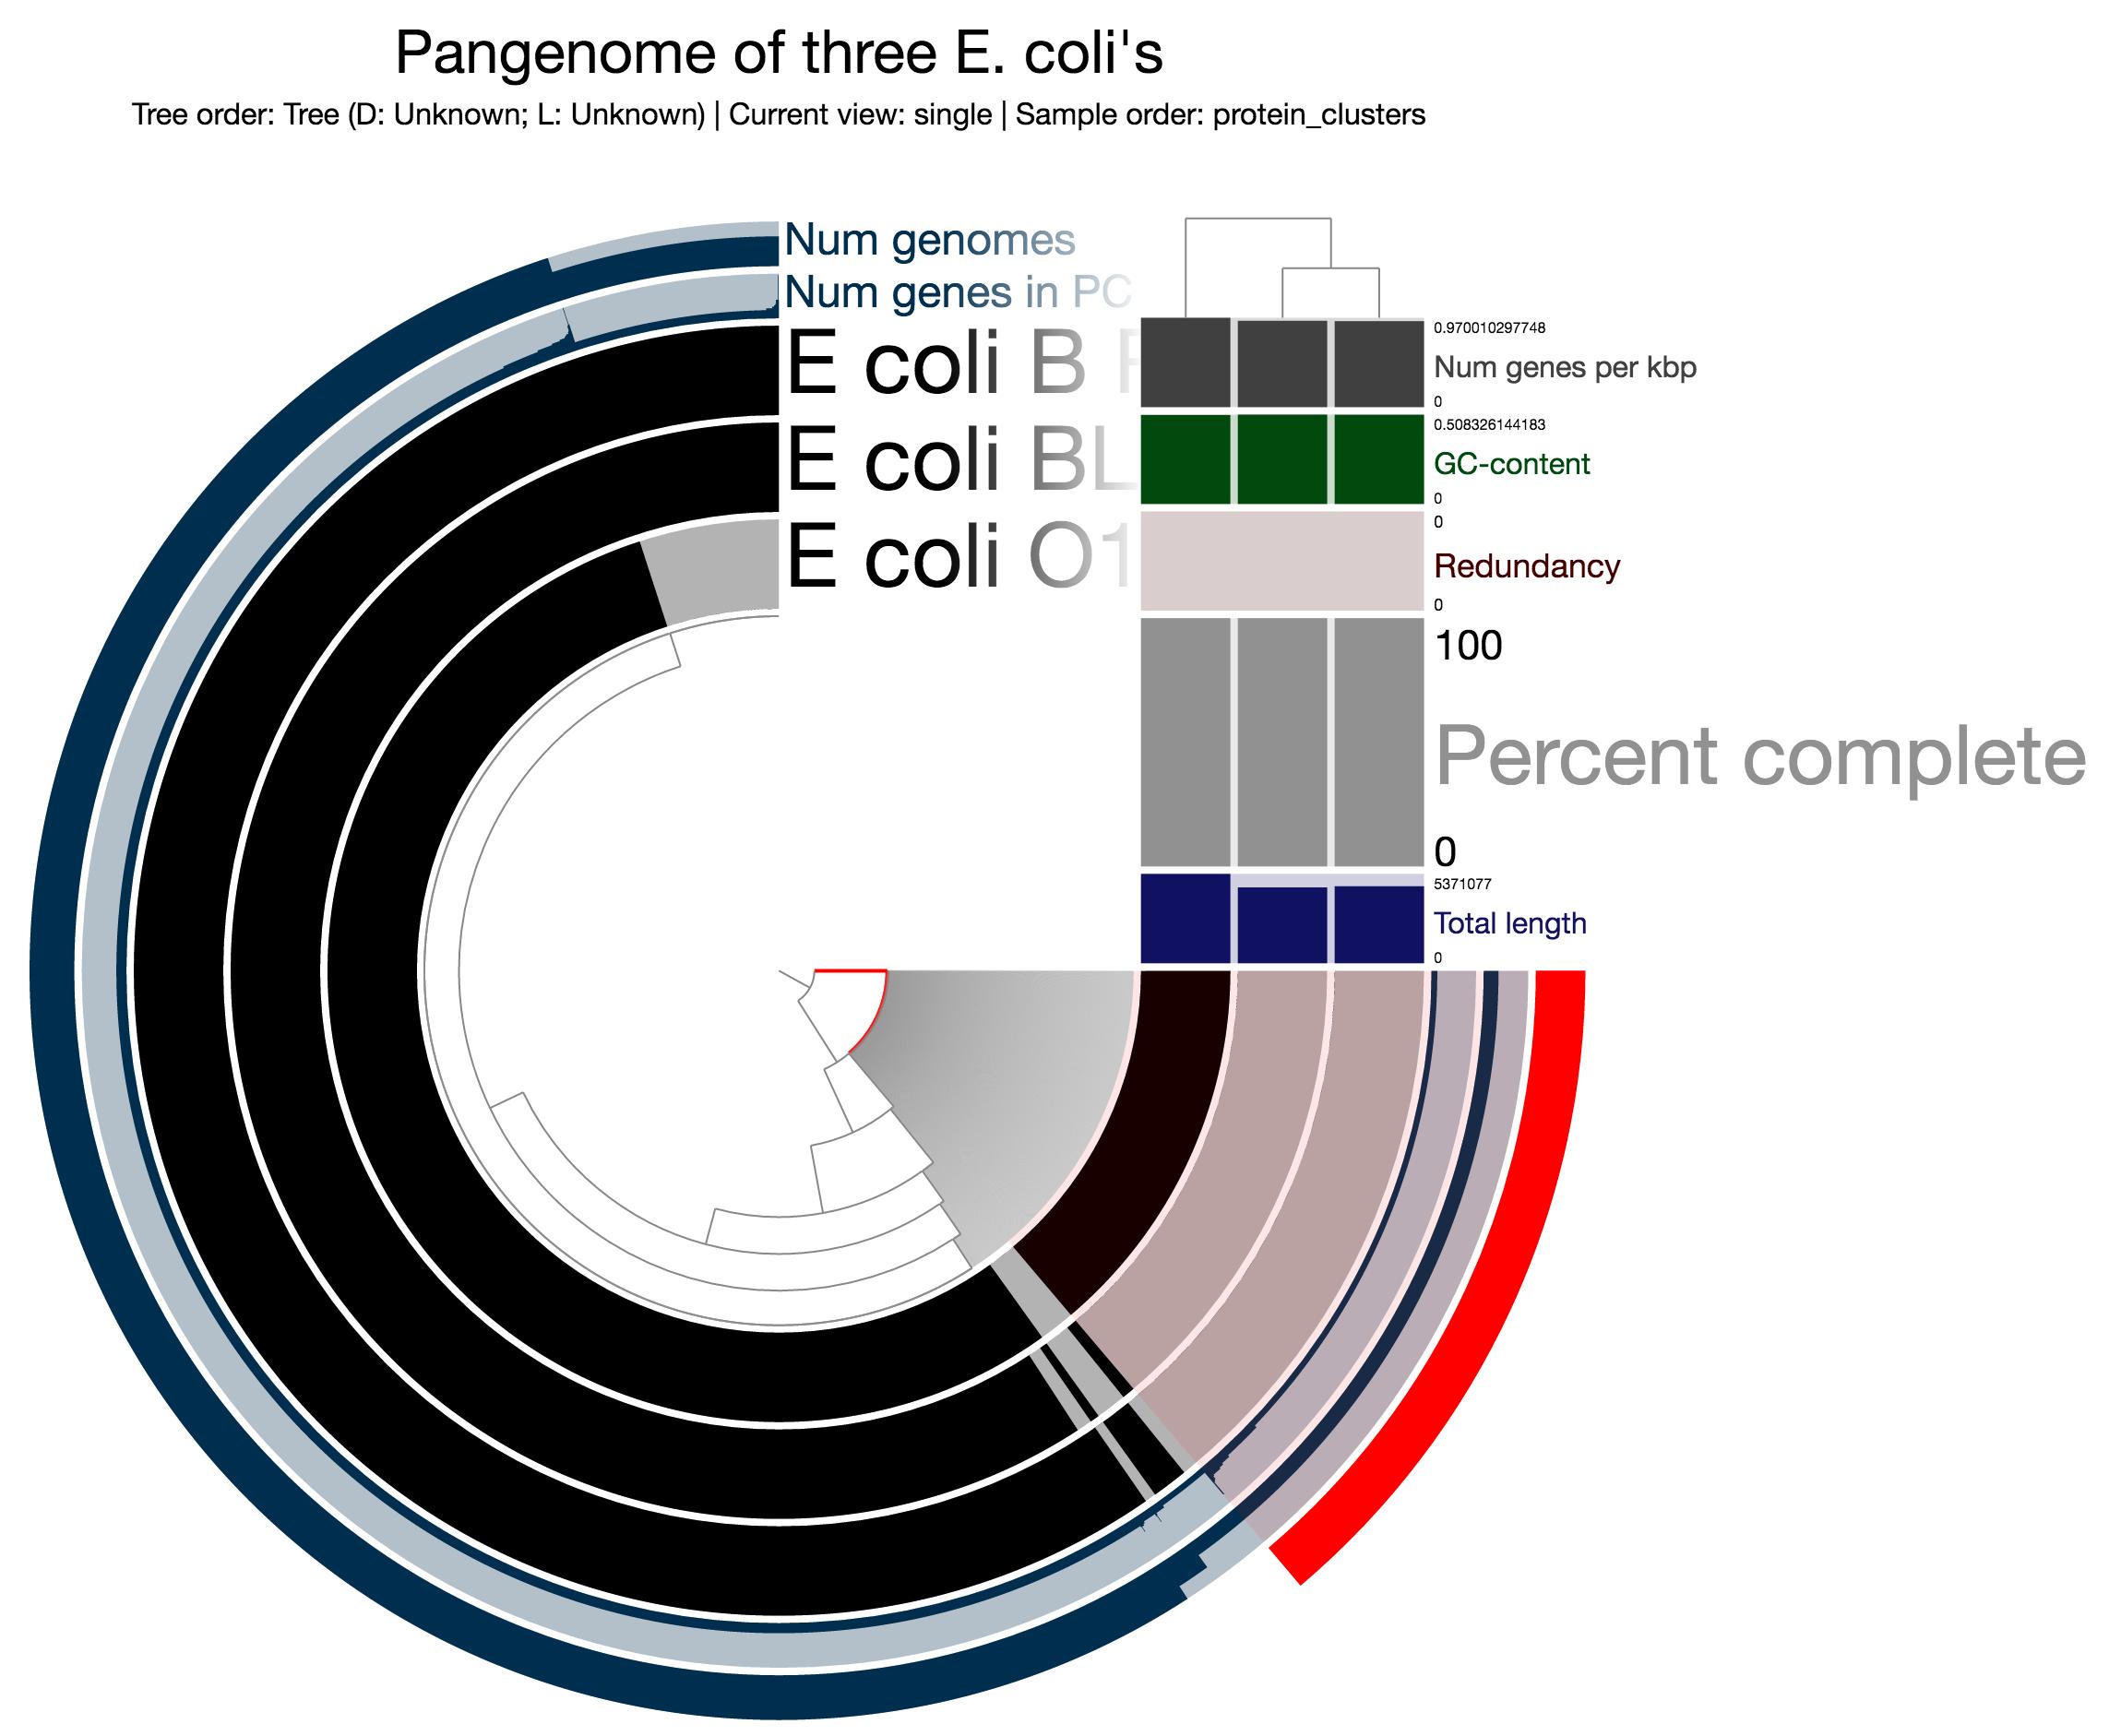 E. coli protein clusters